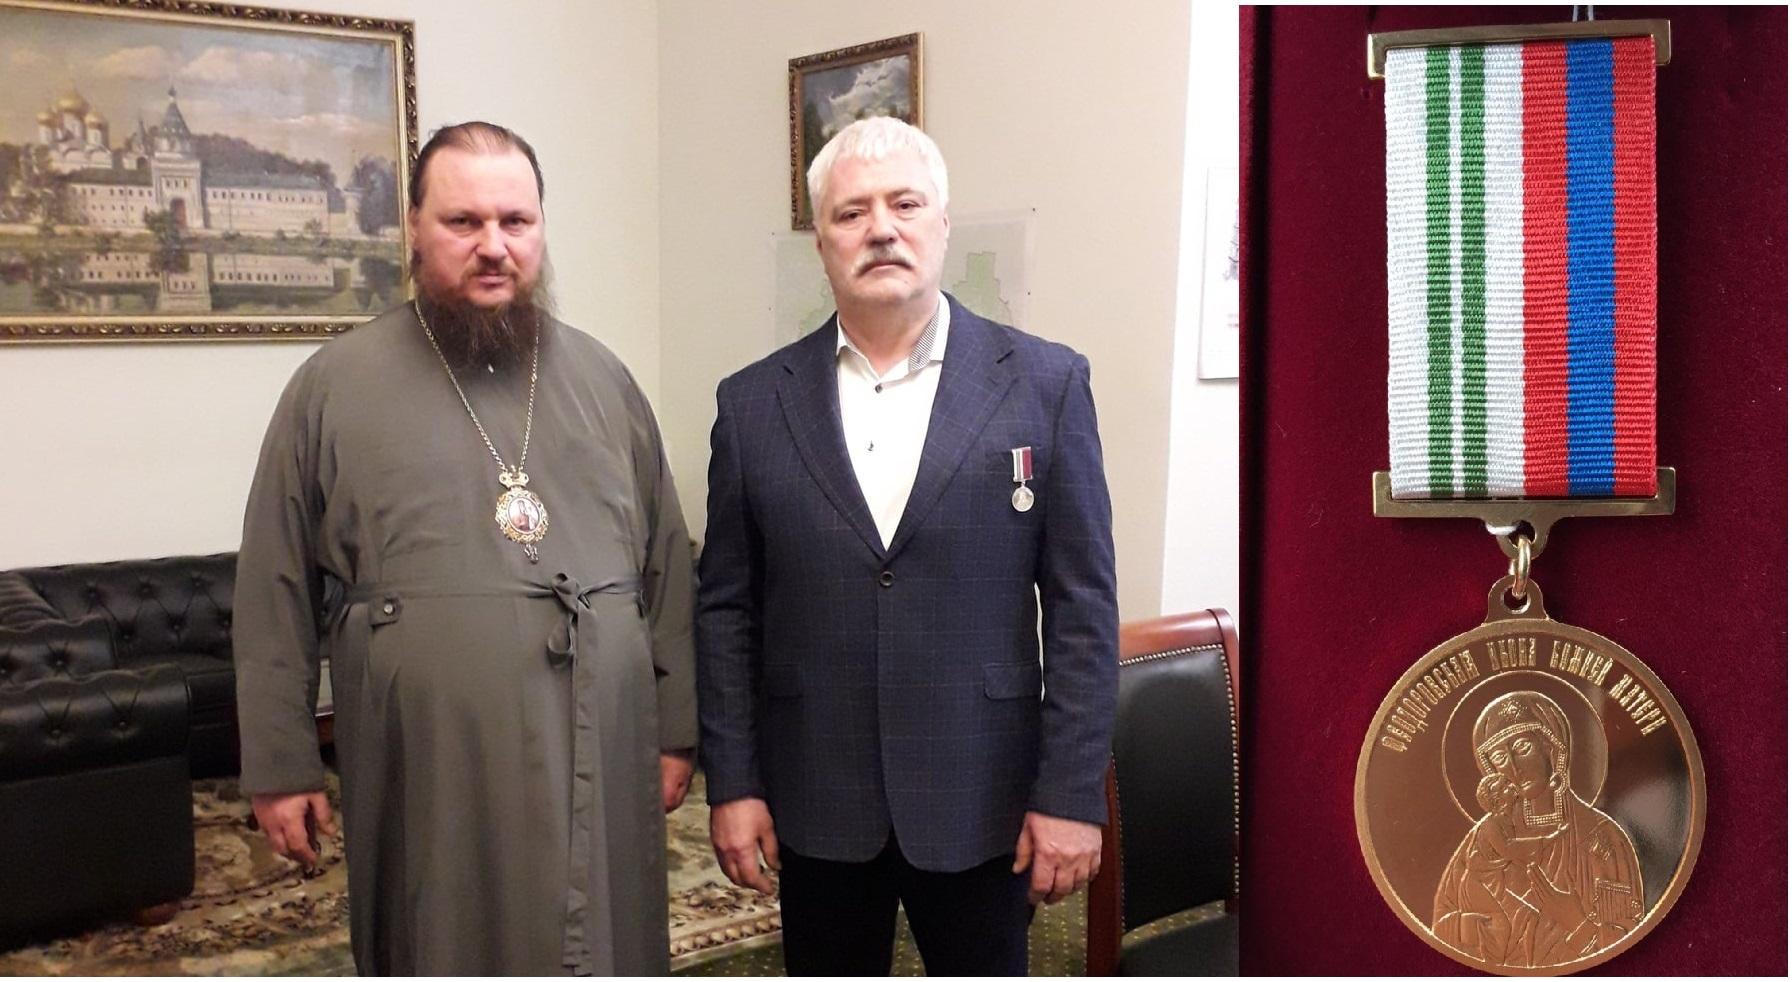 Костромского предпринимателя наградили церковной медалью ко дню рождения